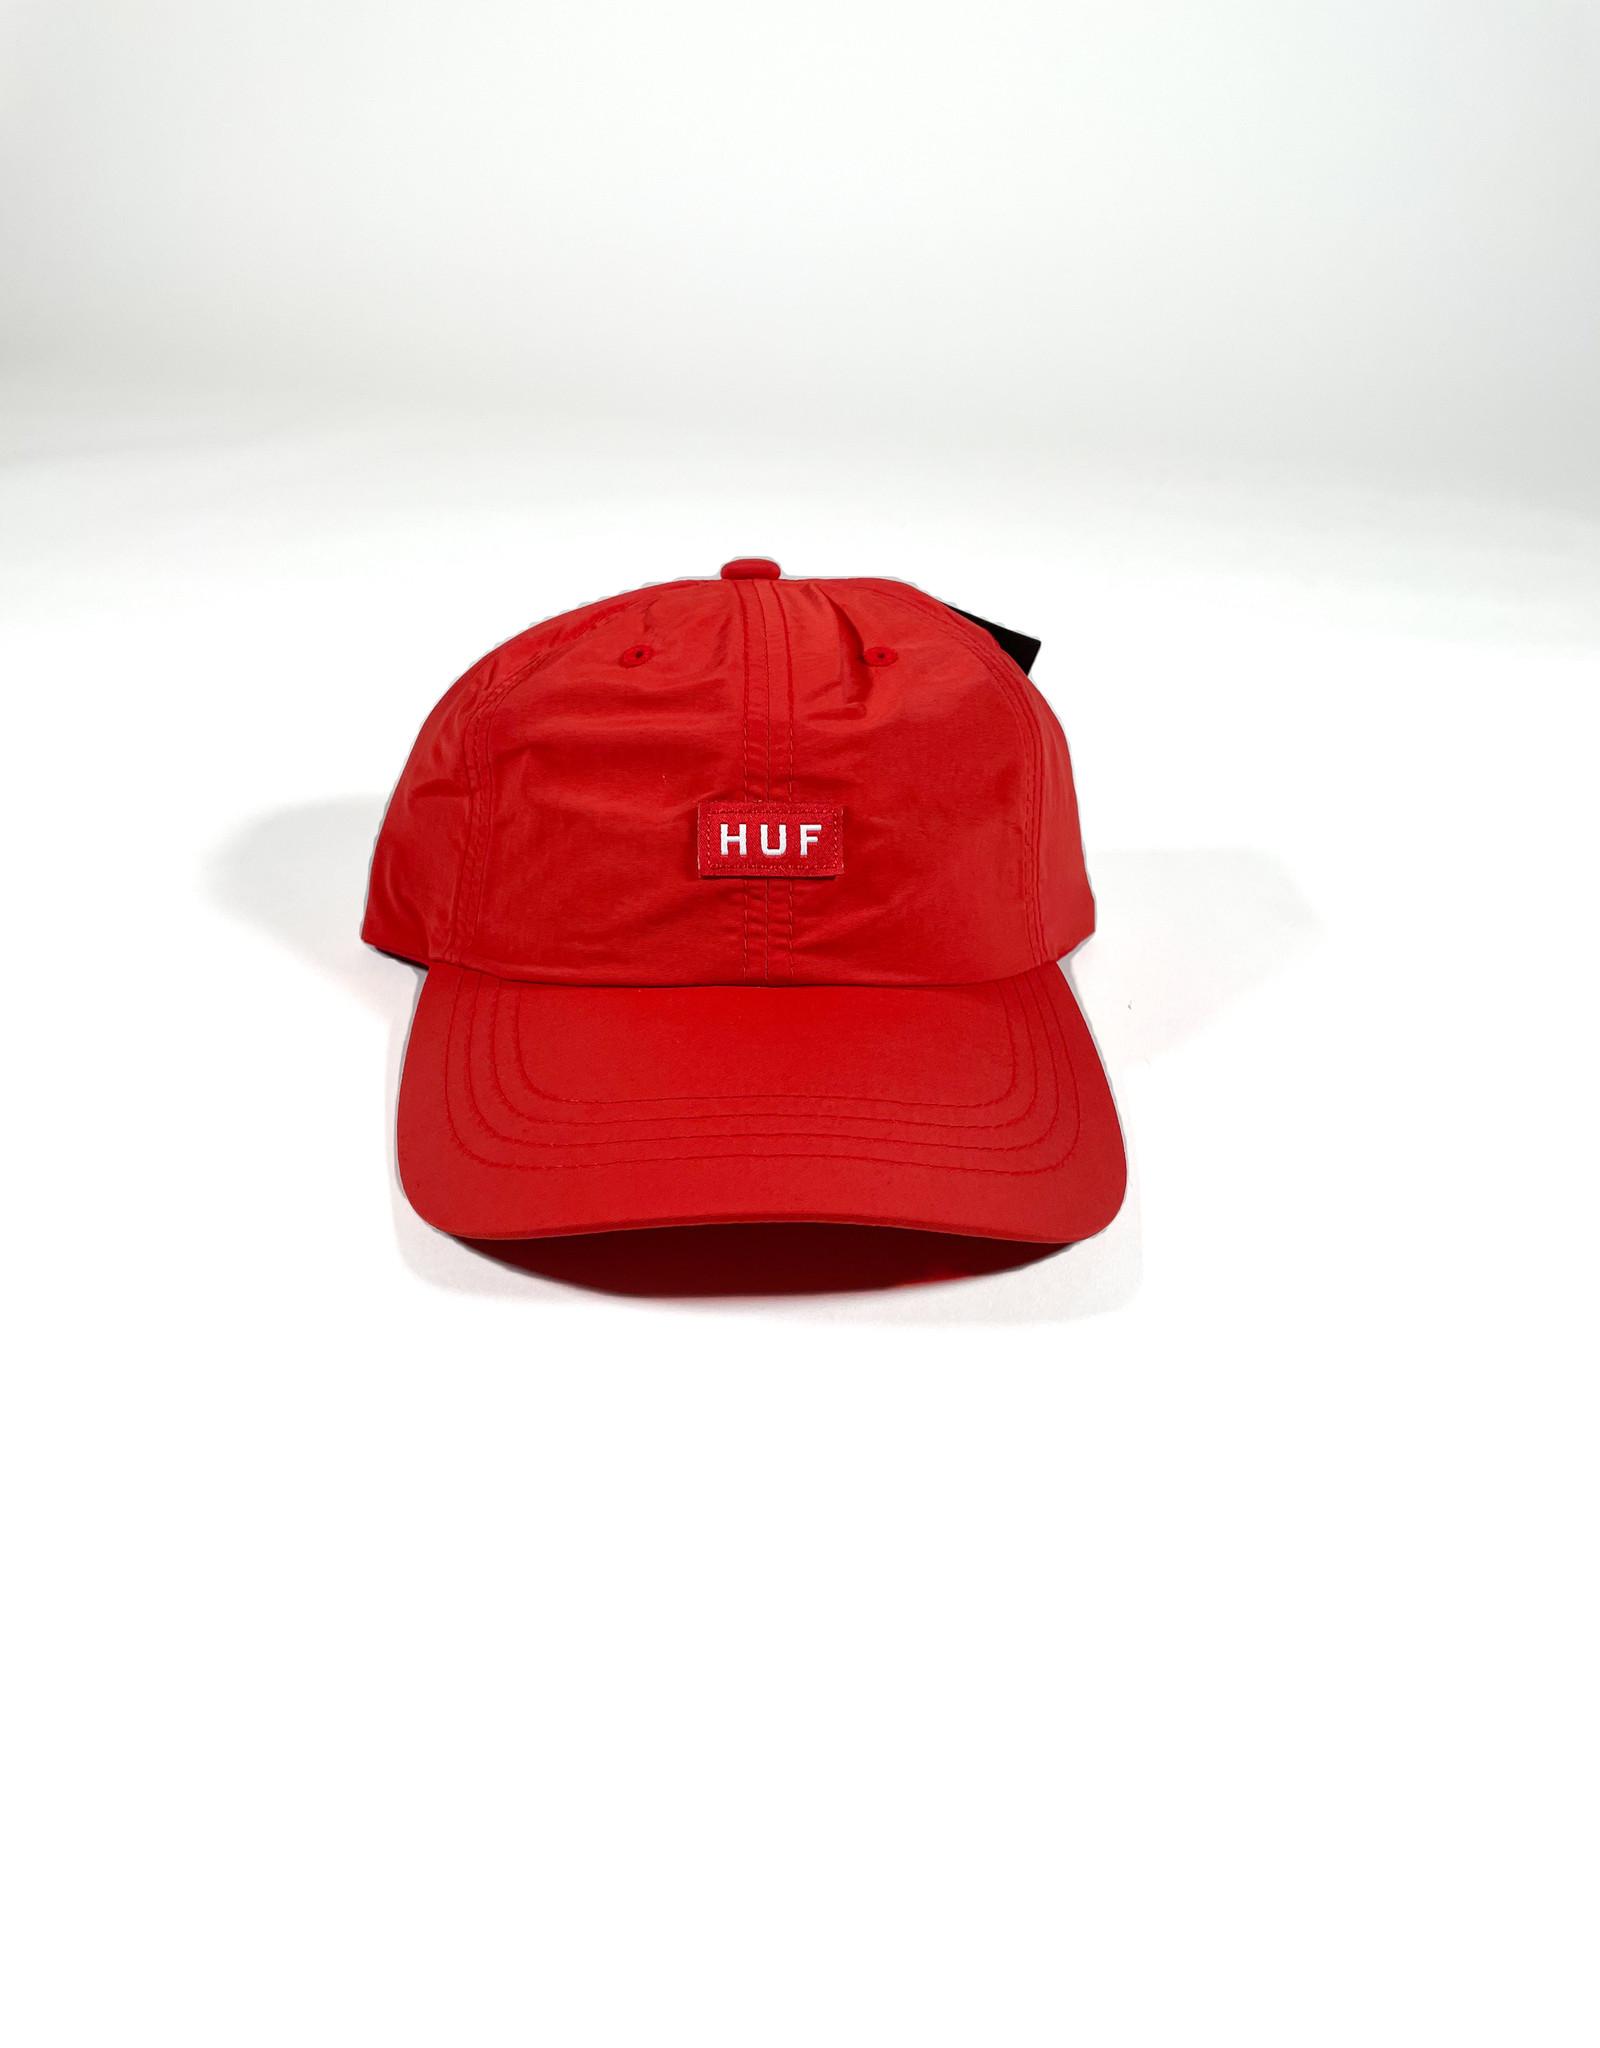 HUF FUCK IT INTL CV 6 PANEL HAT - POPPY